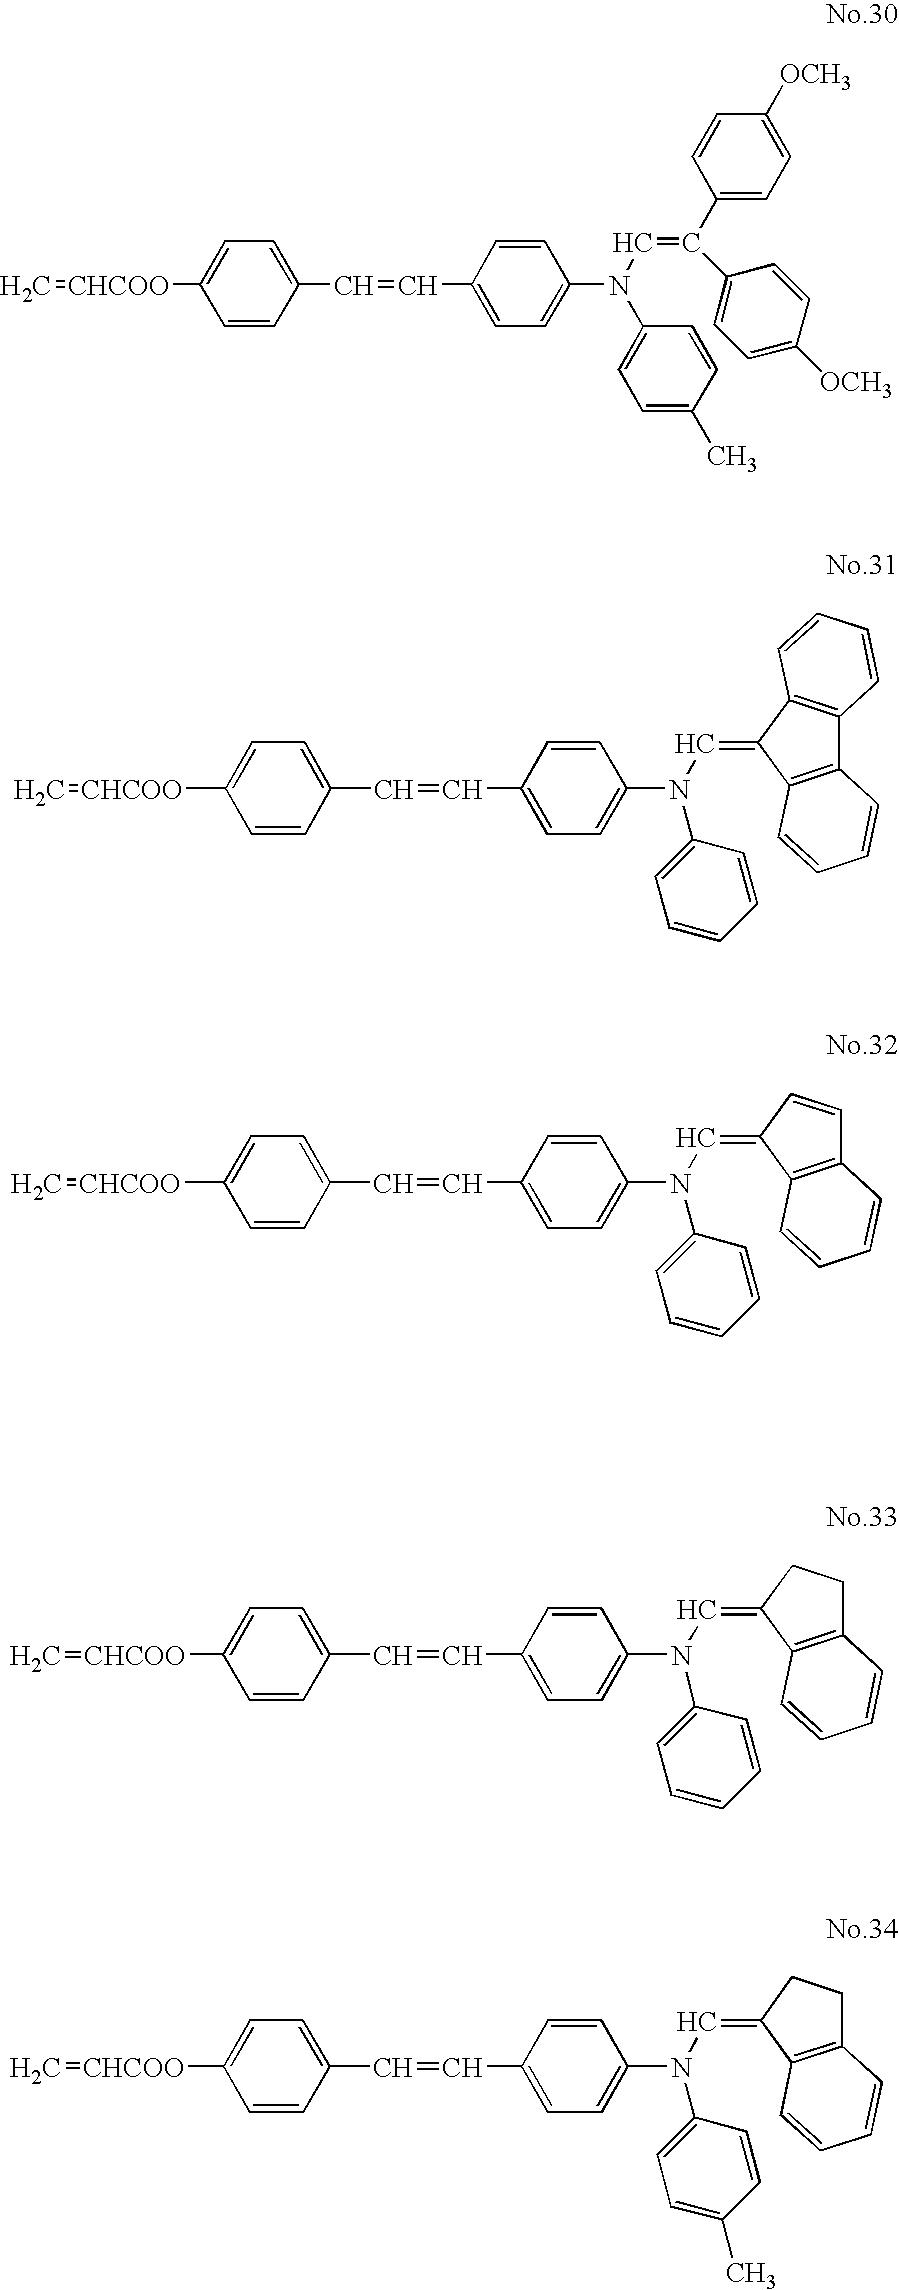 Figure US07507509-20090324-C00012